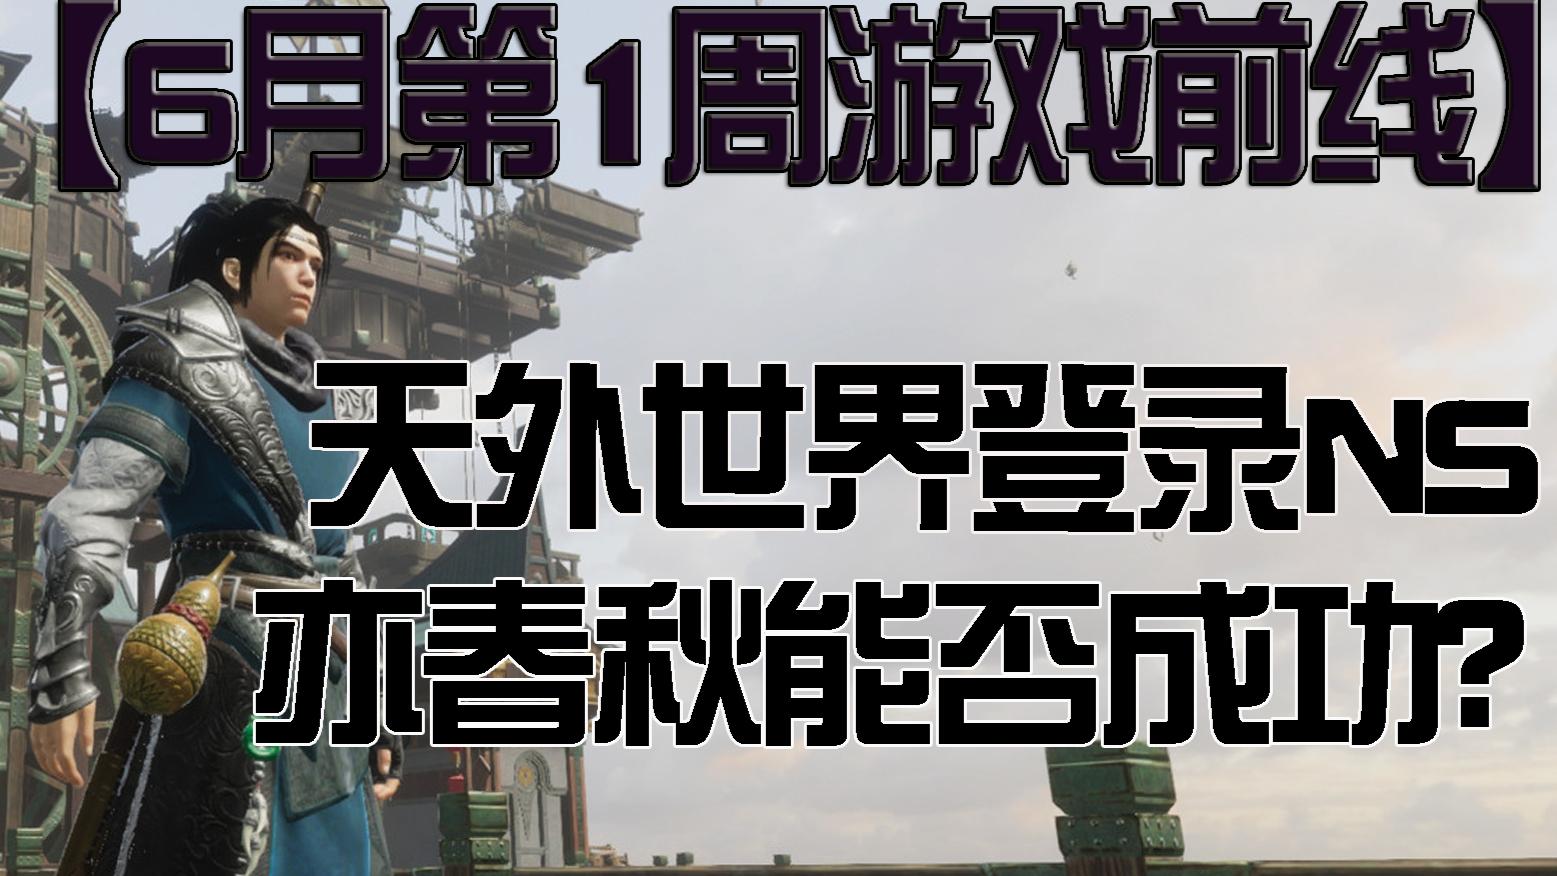 【6月第1周游戏前线】天外世界登录NS,亦春秋能否成功?